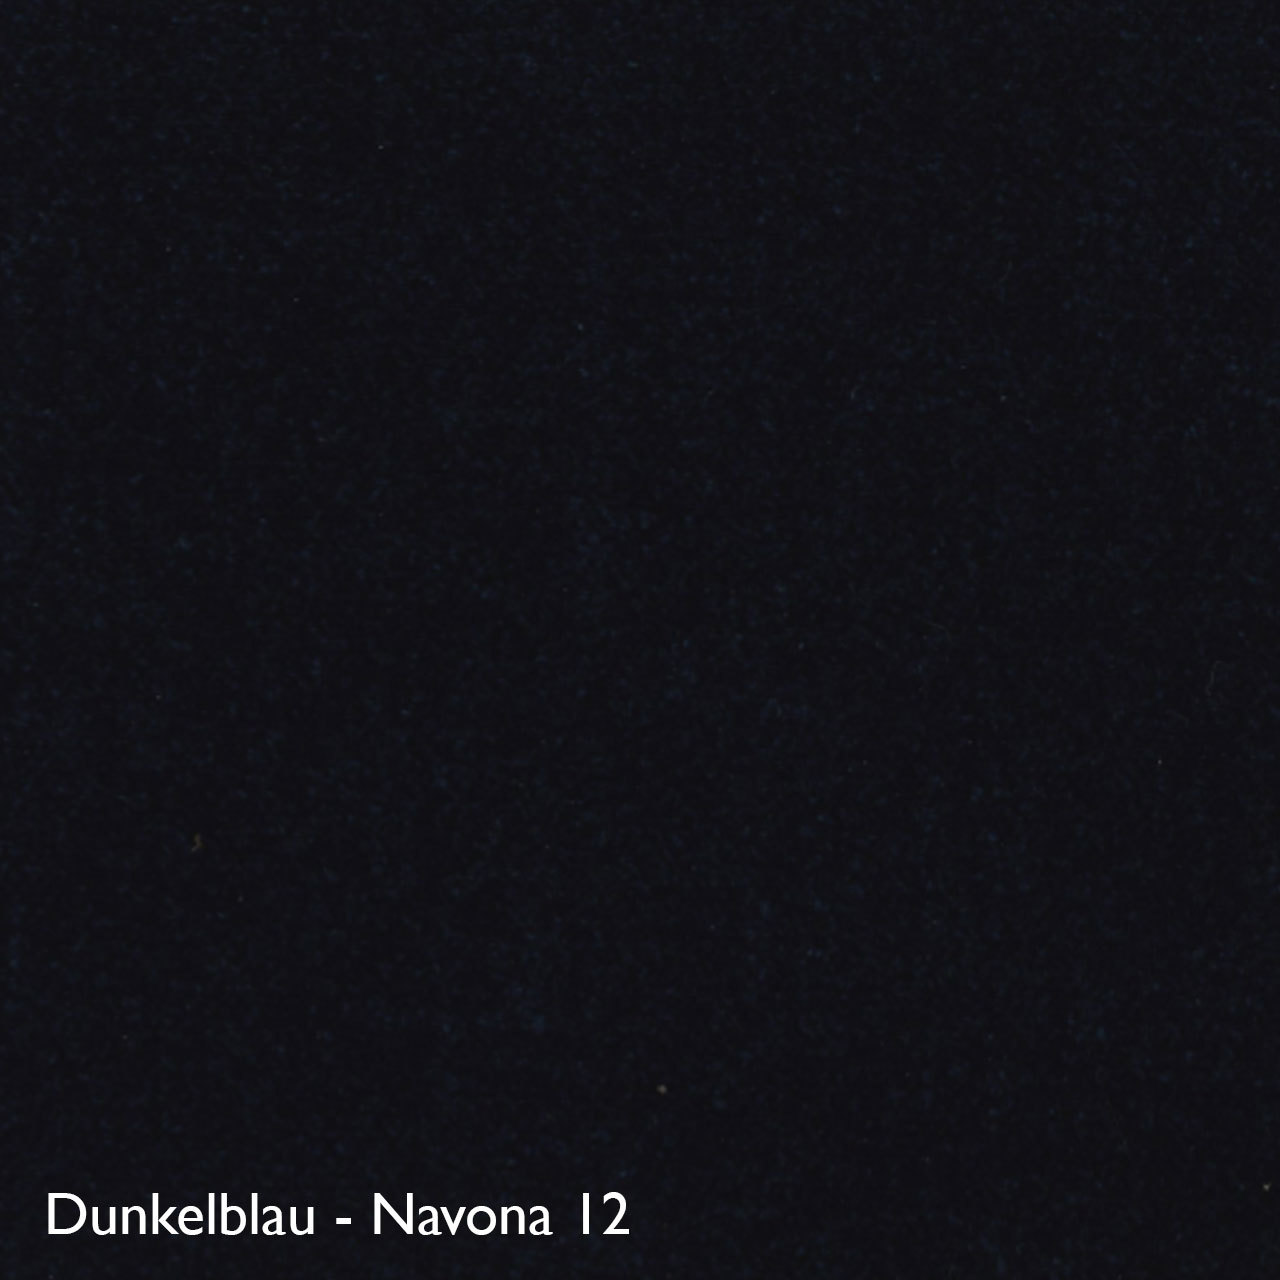 Wendelbo Navona Stoff